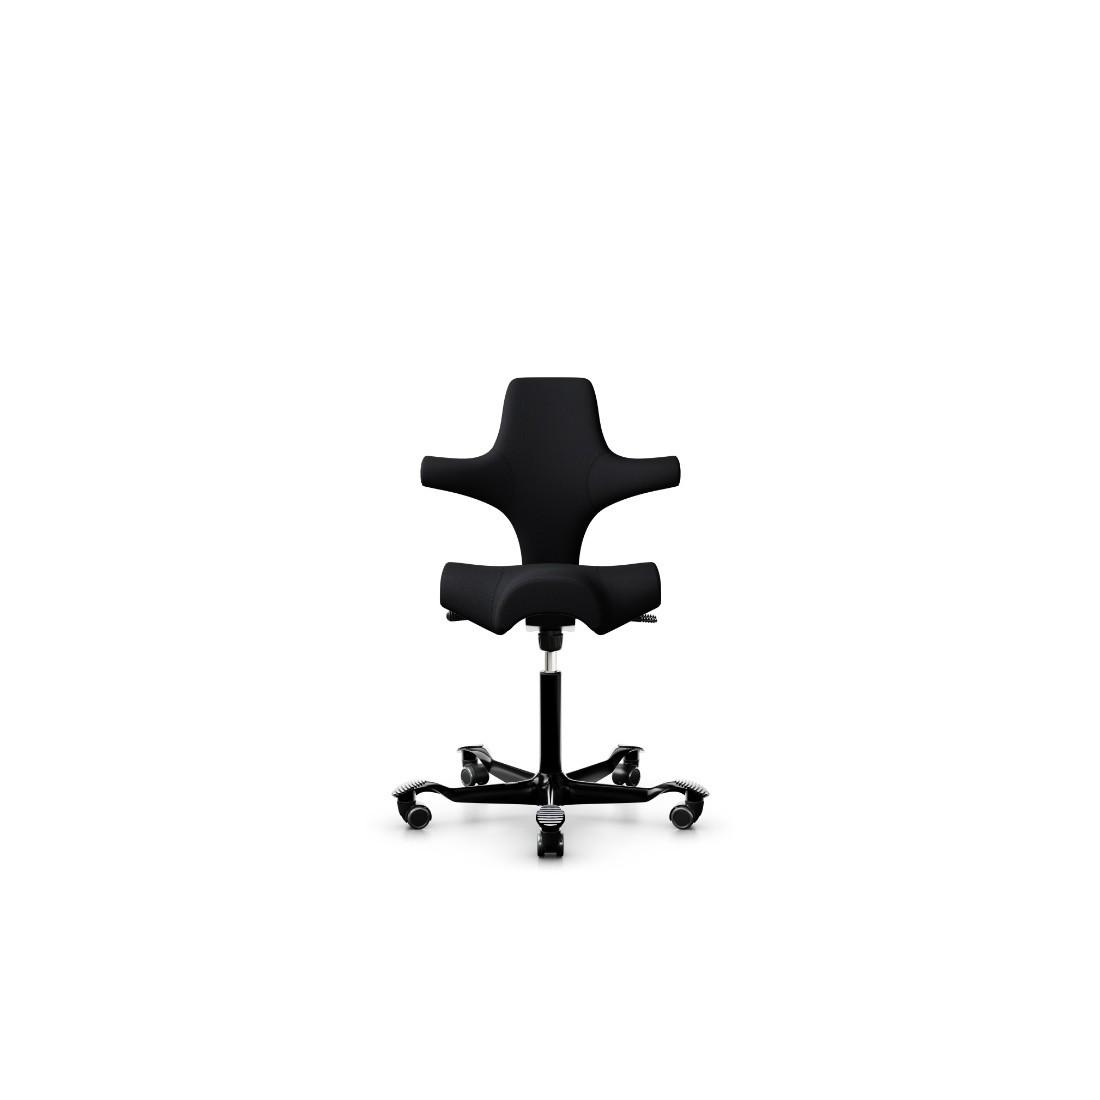 Эргономичное кресло  HAG Capisco 8106